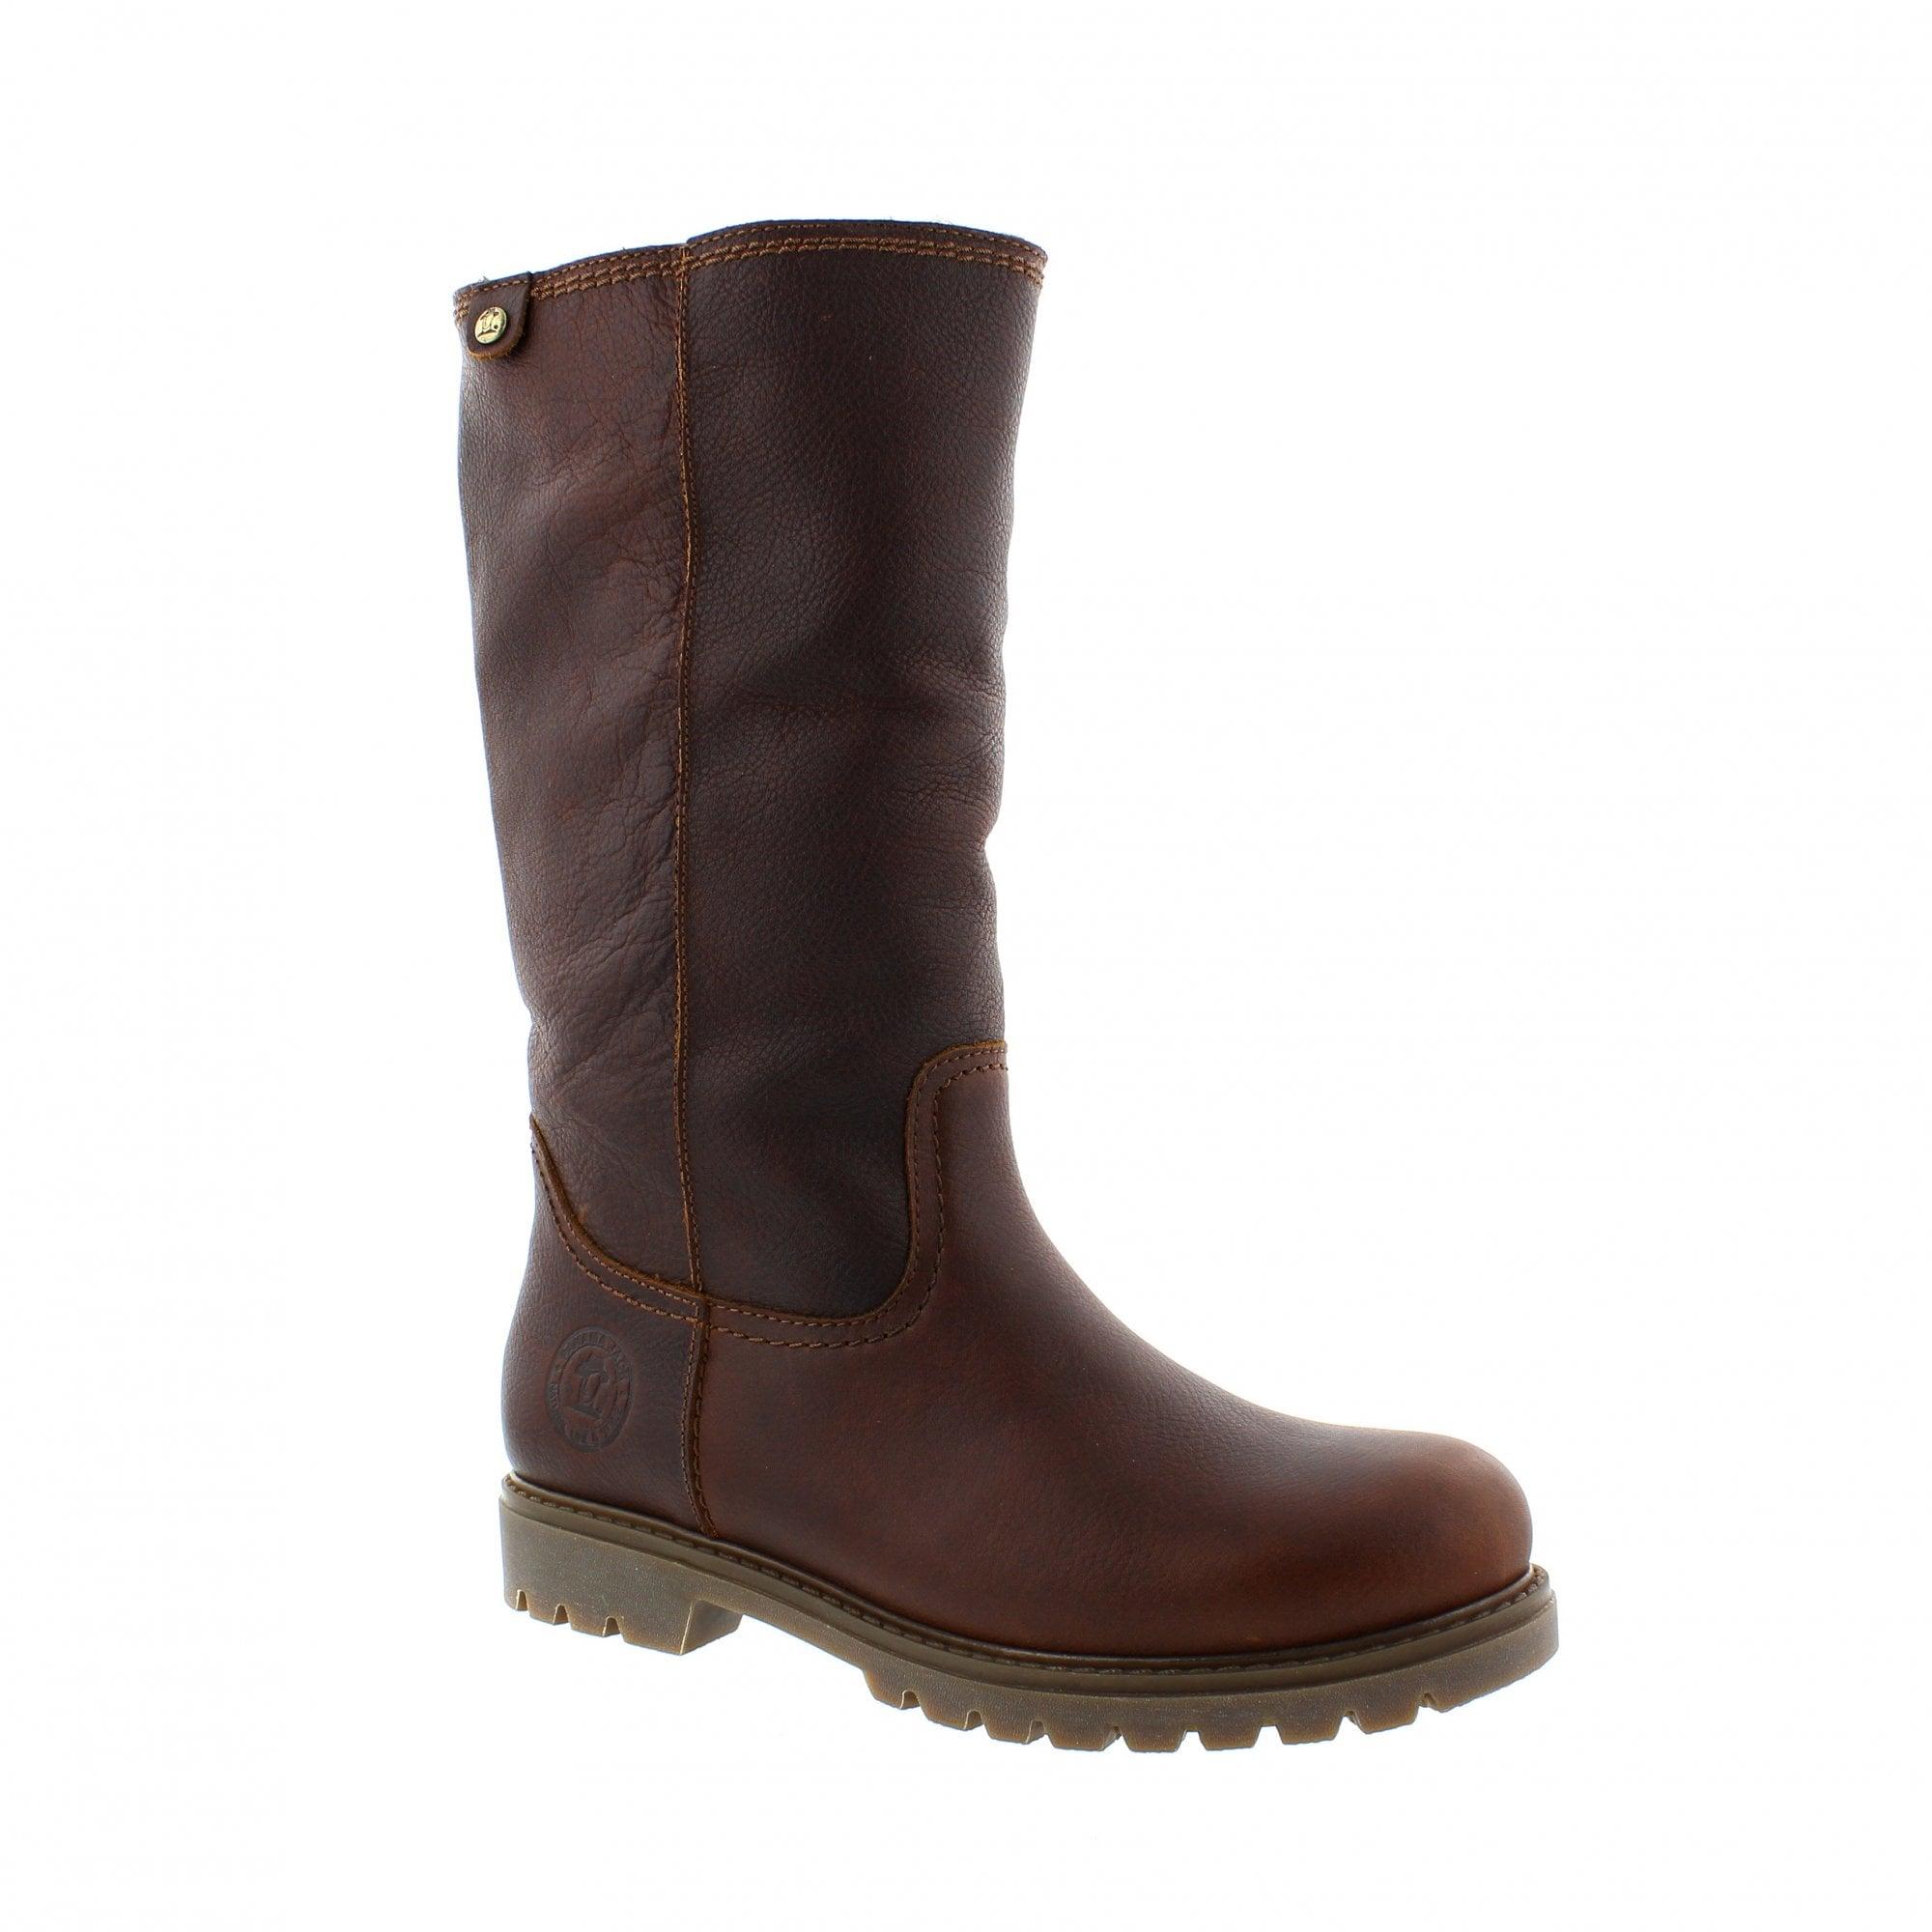 547bdd1d3e844 Panama Jack Bambina Igloo B18 Napa Grass Womens Boots